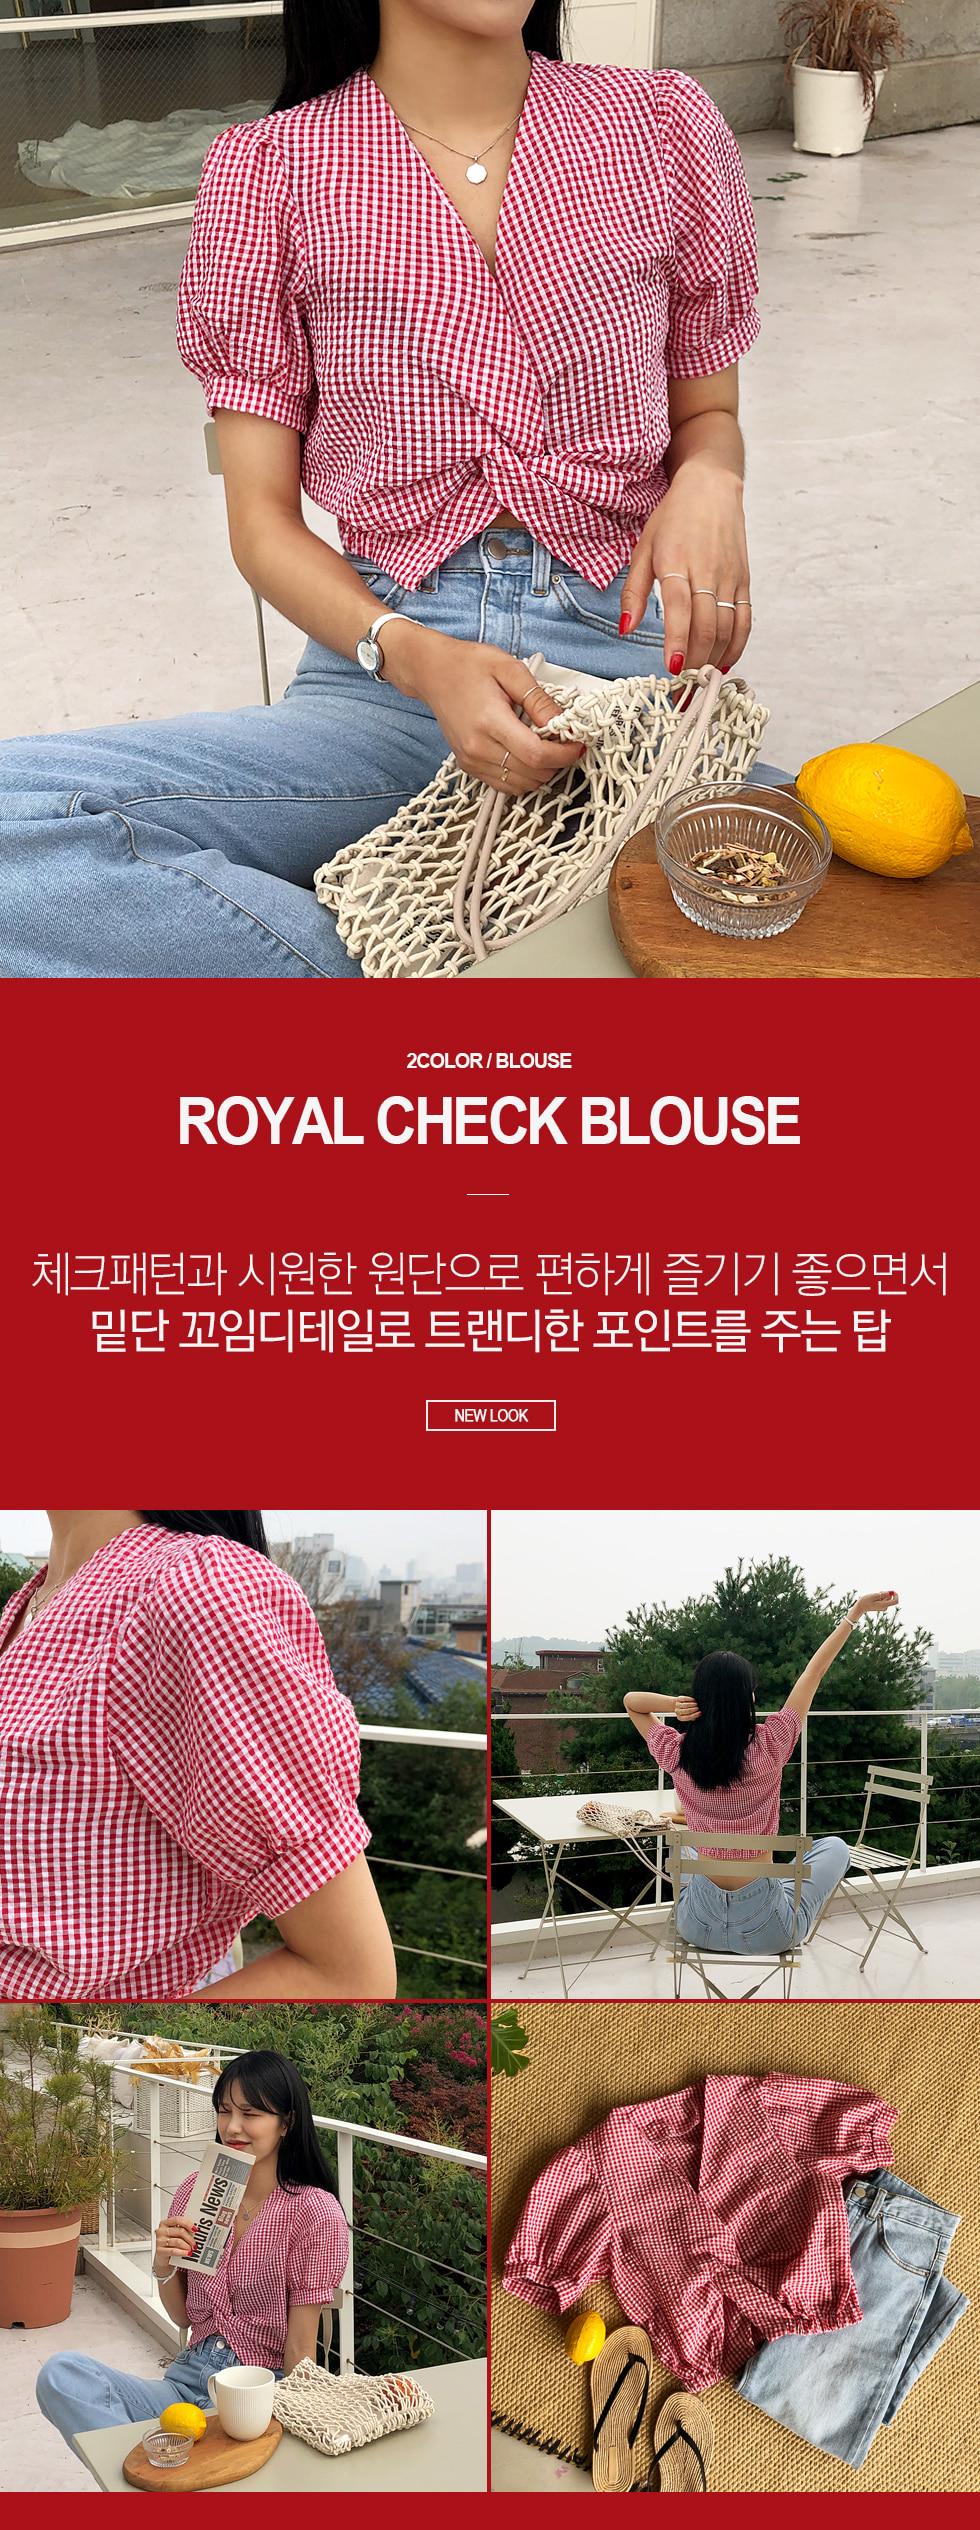 Royal Shop Blouse